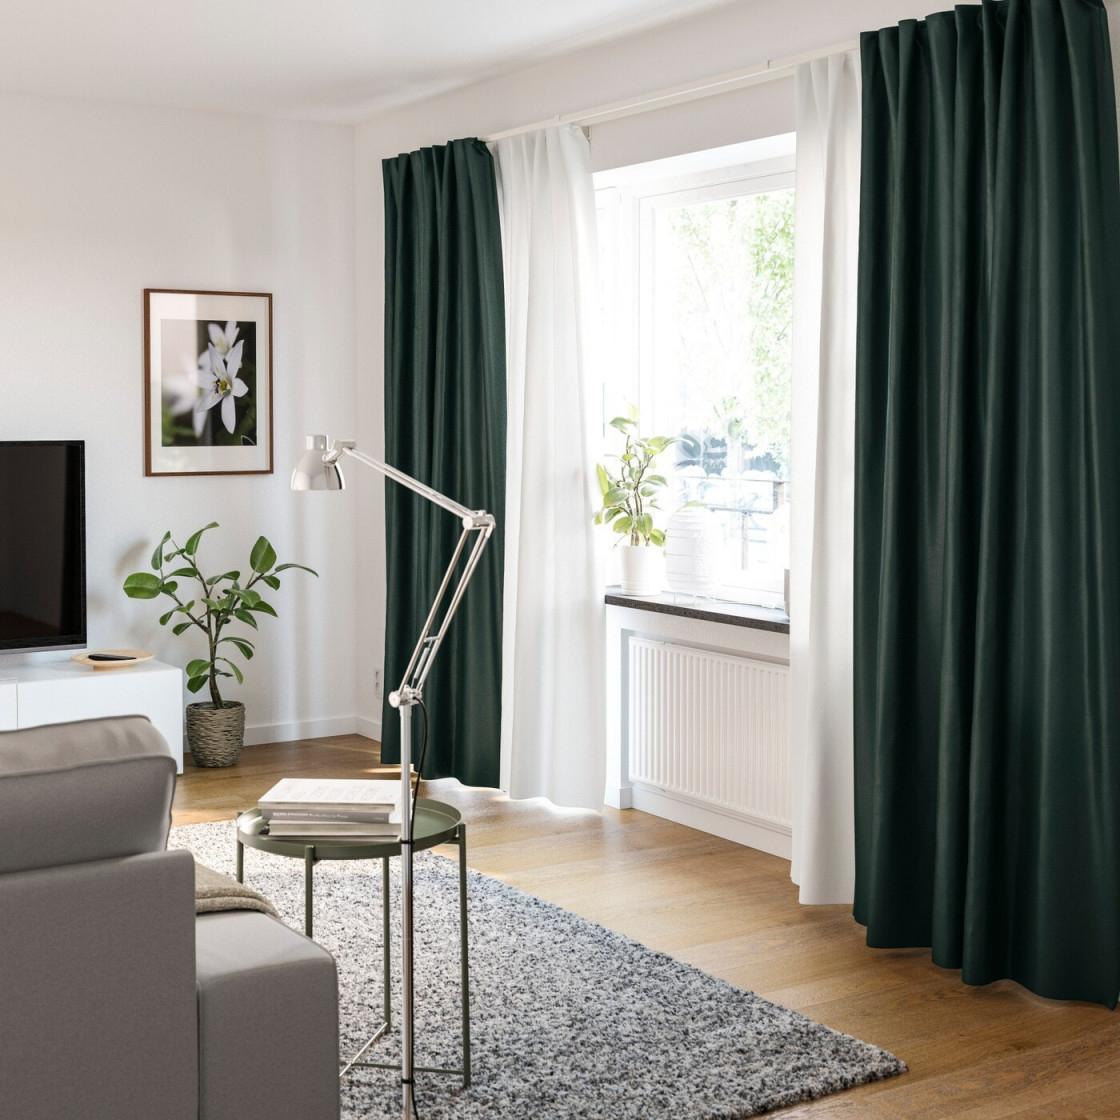 Gardinenideen Inspirationen Für Dein Zuhause  Ikea von Fenstergestaltung Wohnzimmer Ideen Photo